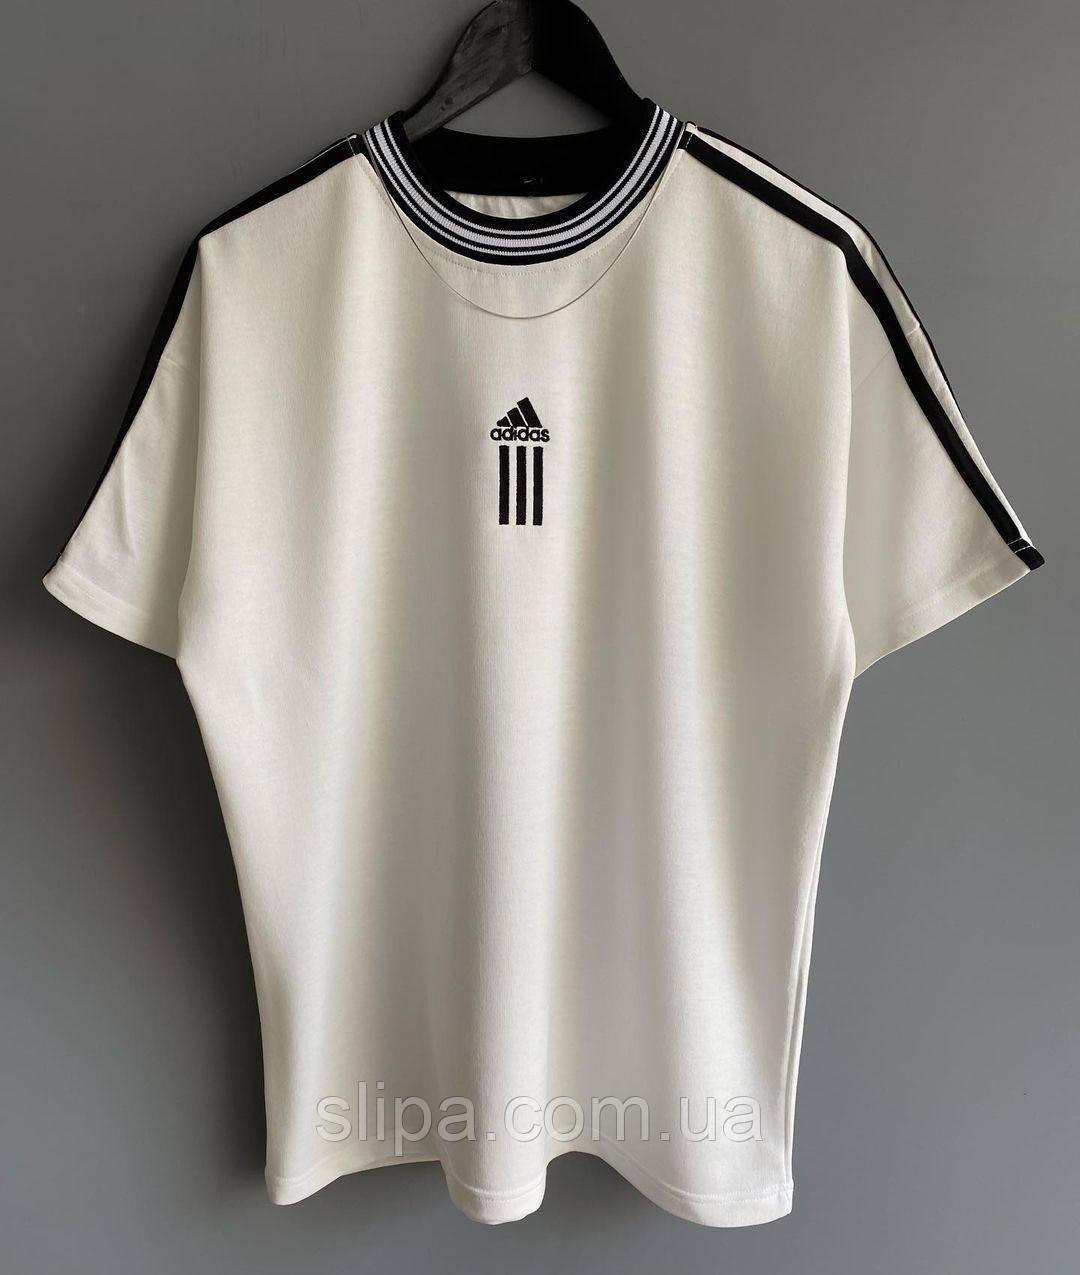 Белая мужская футболка Adidas с белыми вставками | Турция | оверсайз